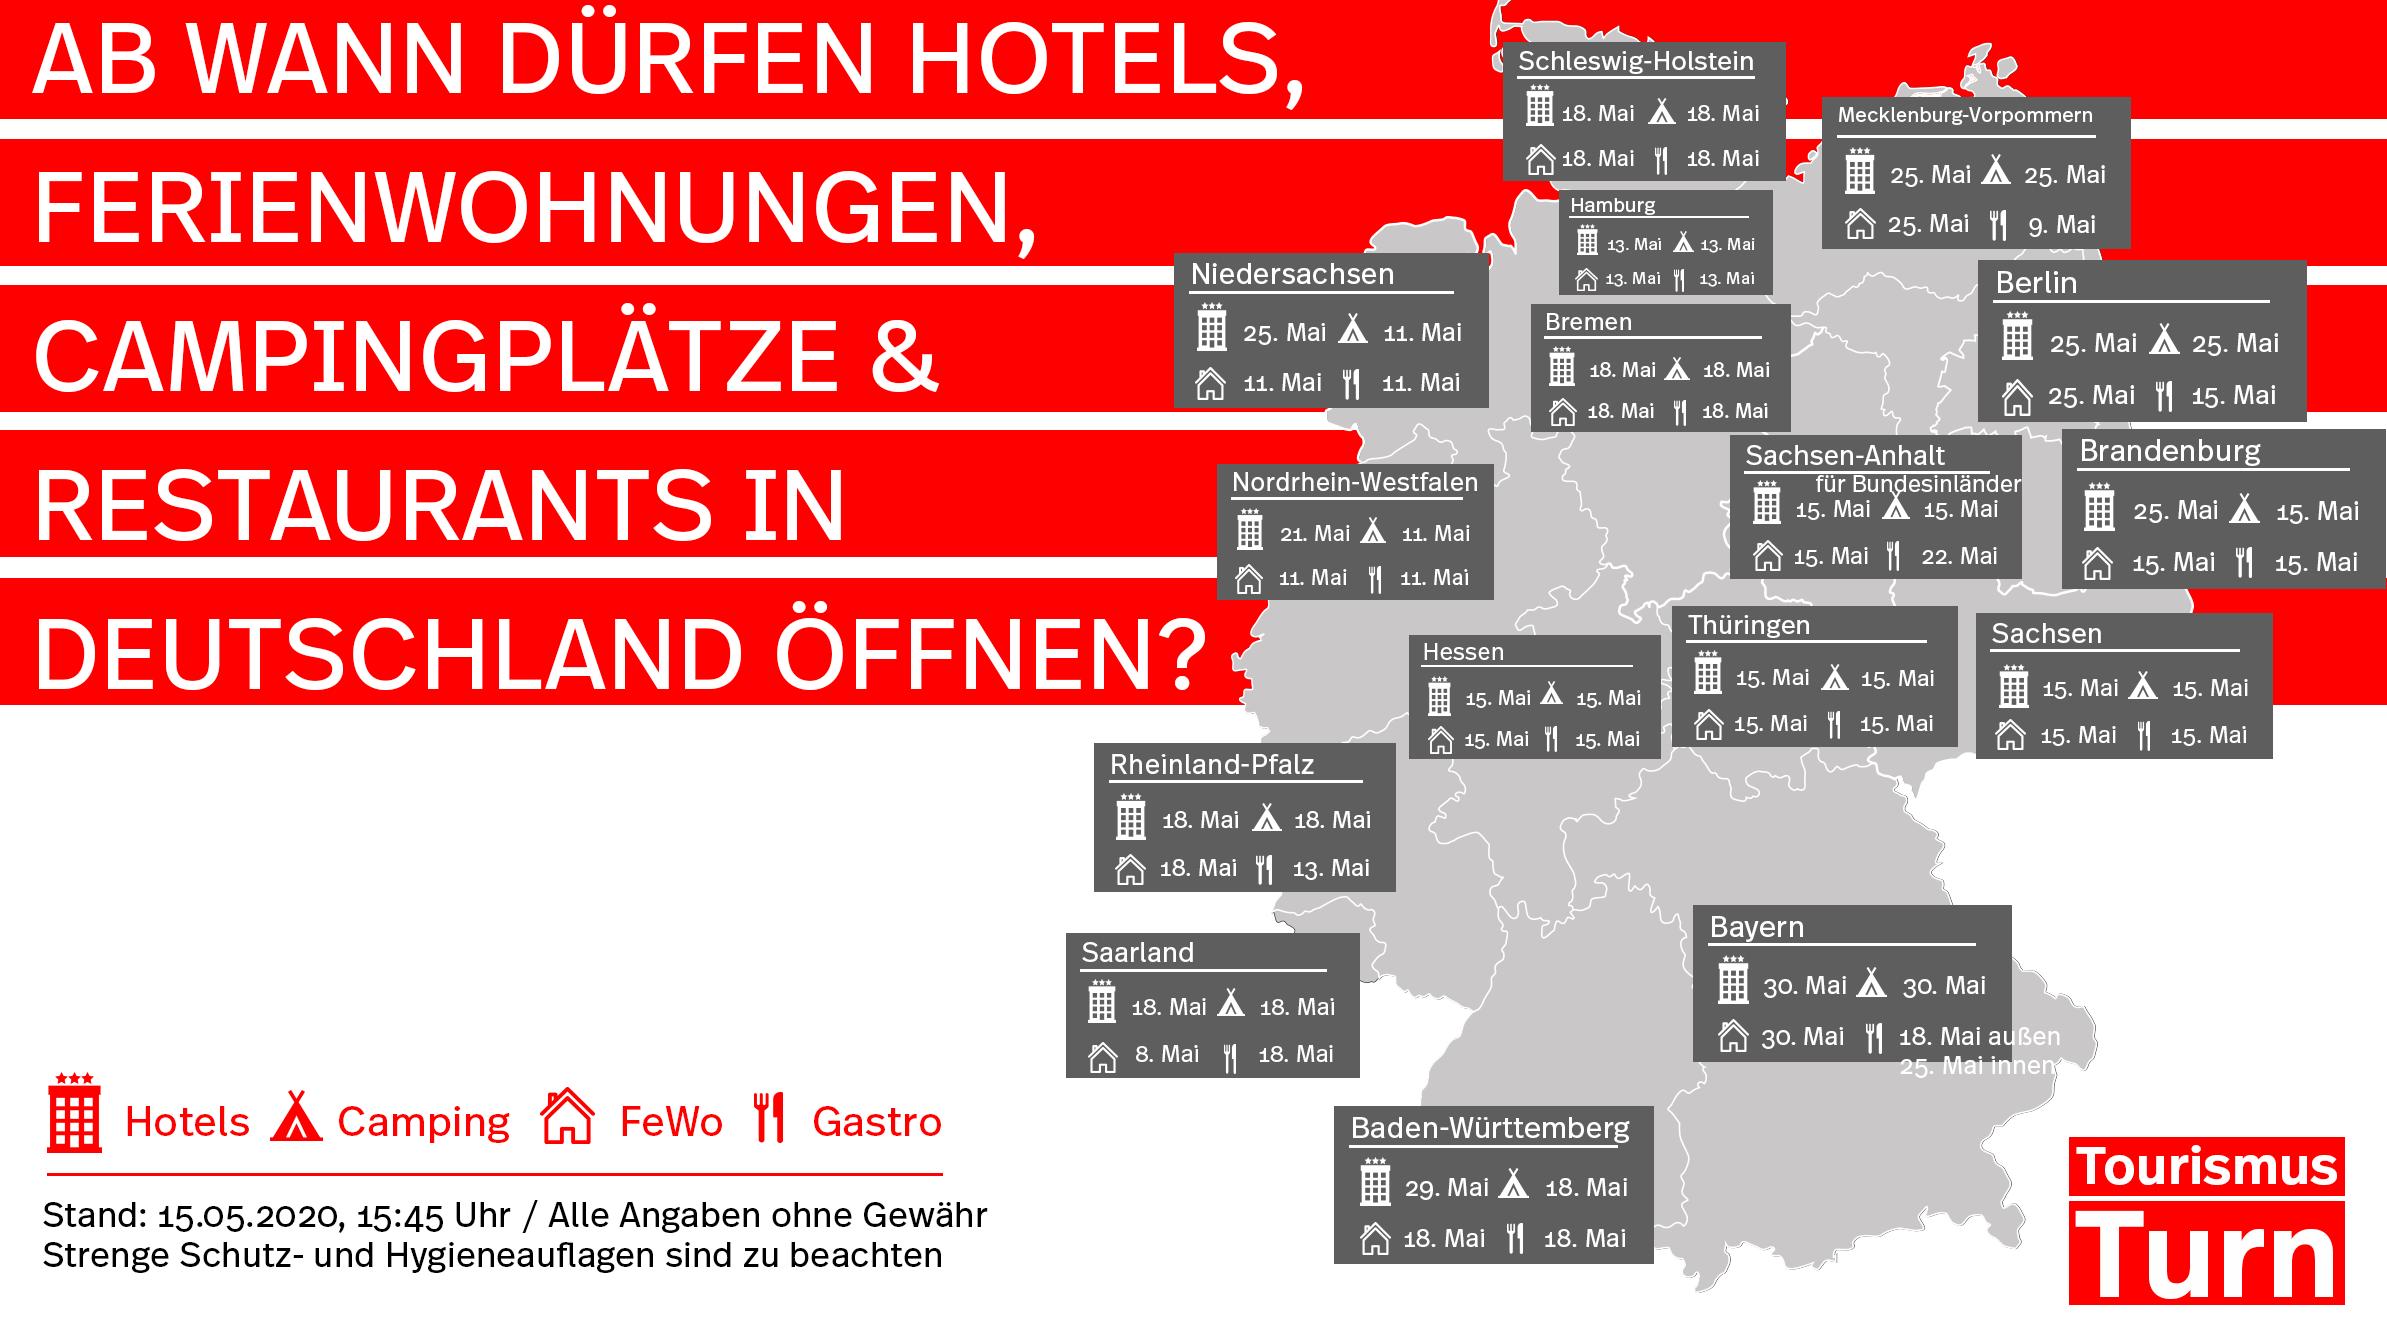 Querformat-Webseite-Tourismus-in-Deutschland-Corona-Tourismus-Turn